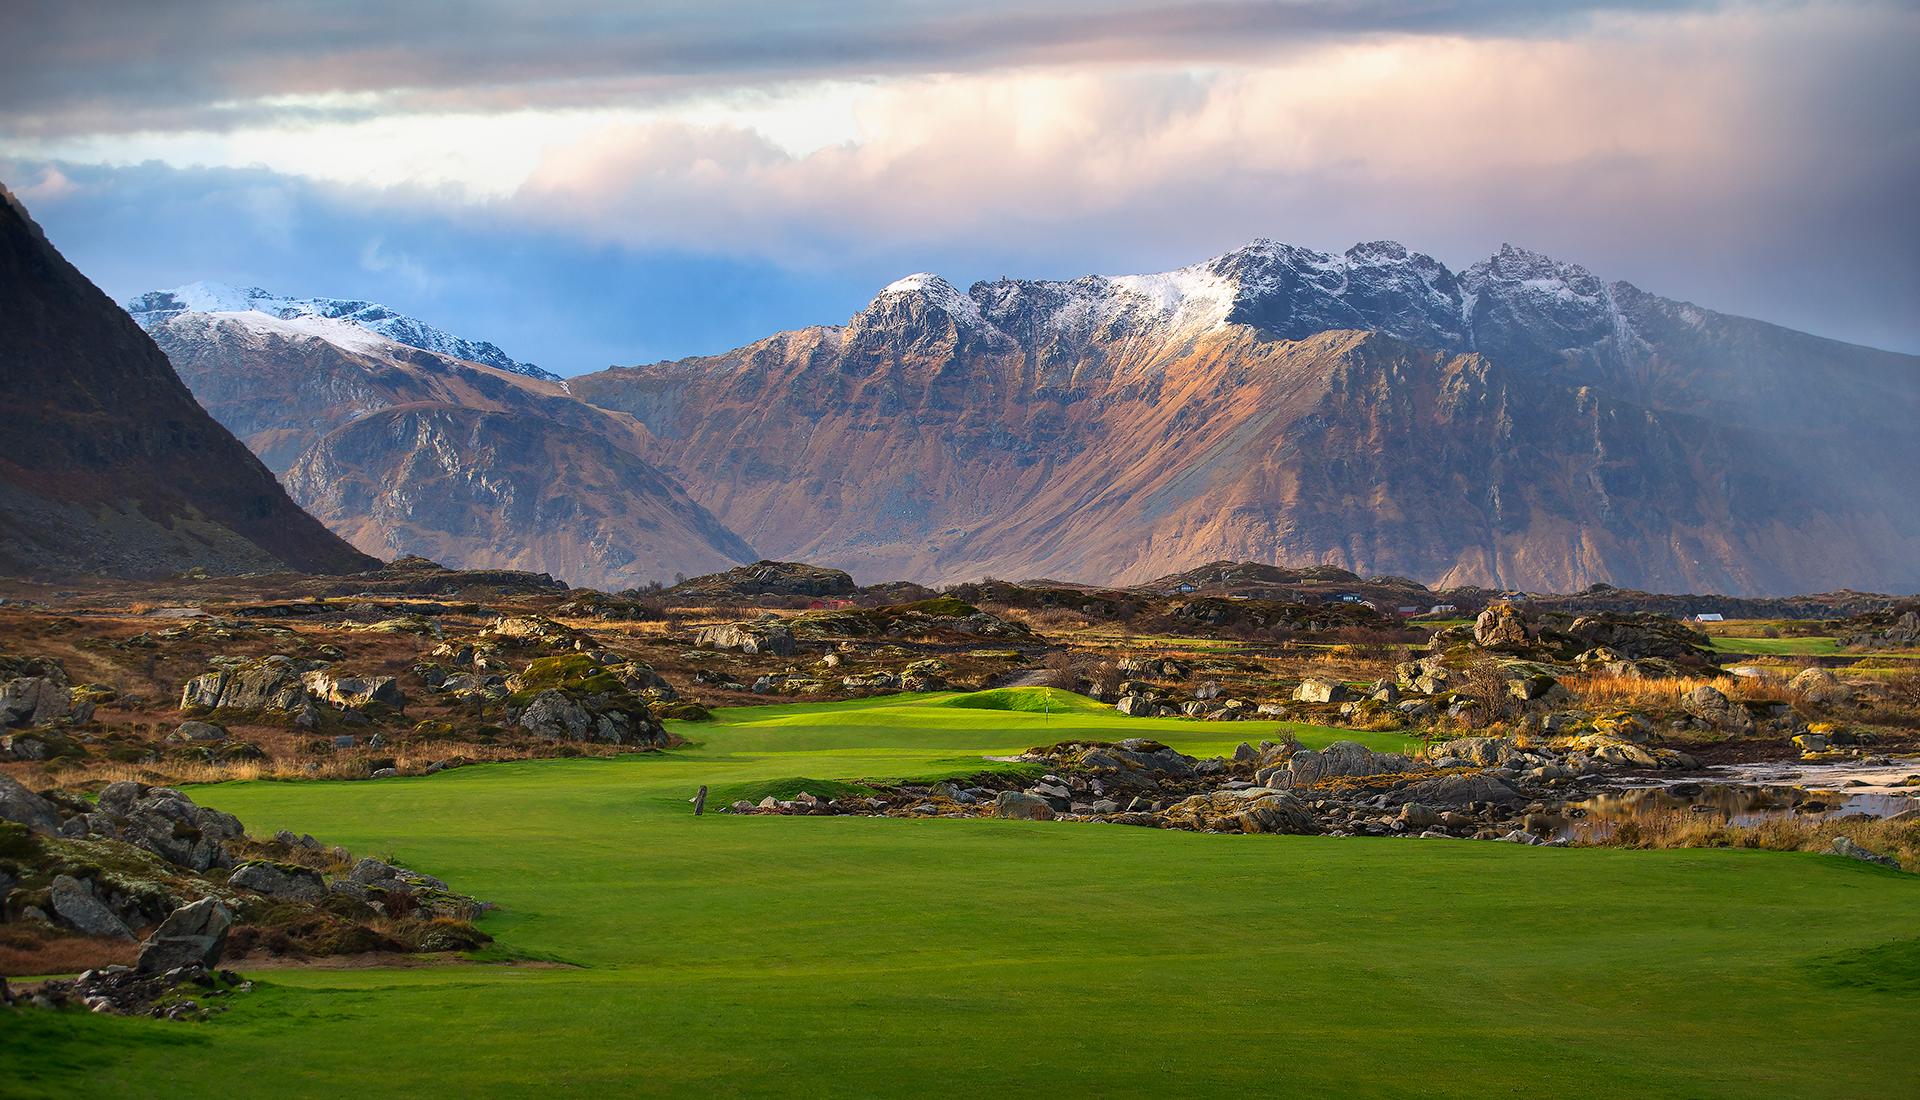 Verdens beste nye golfbane 2015?